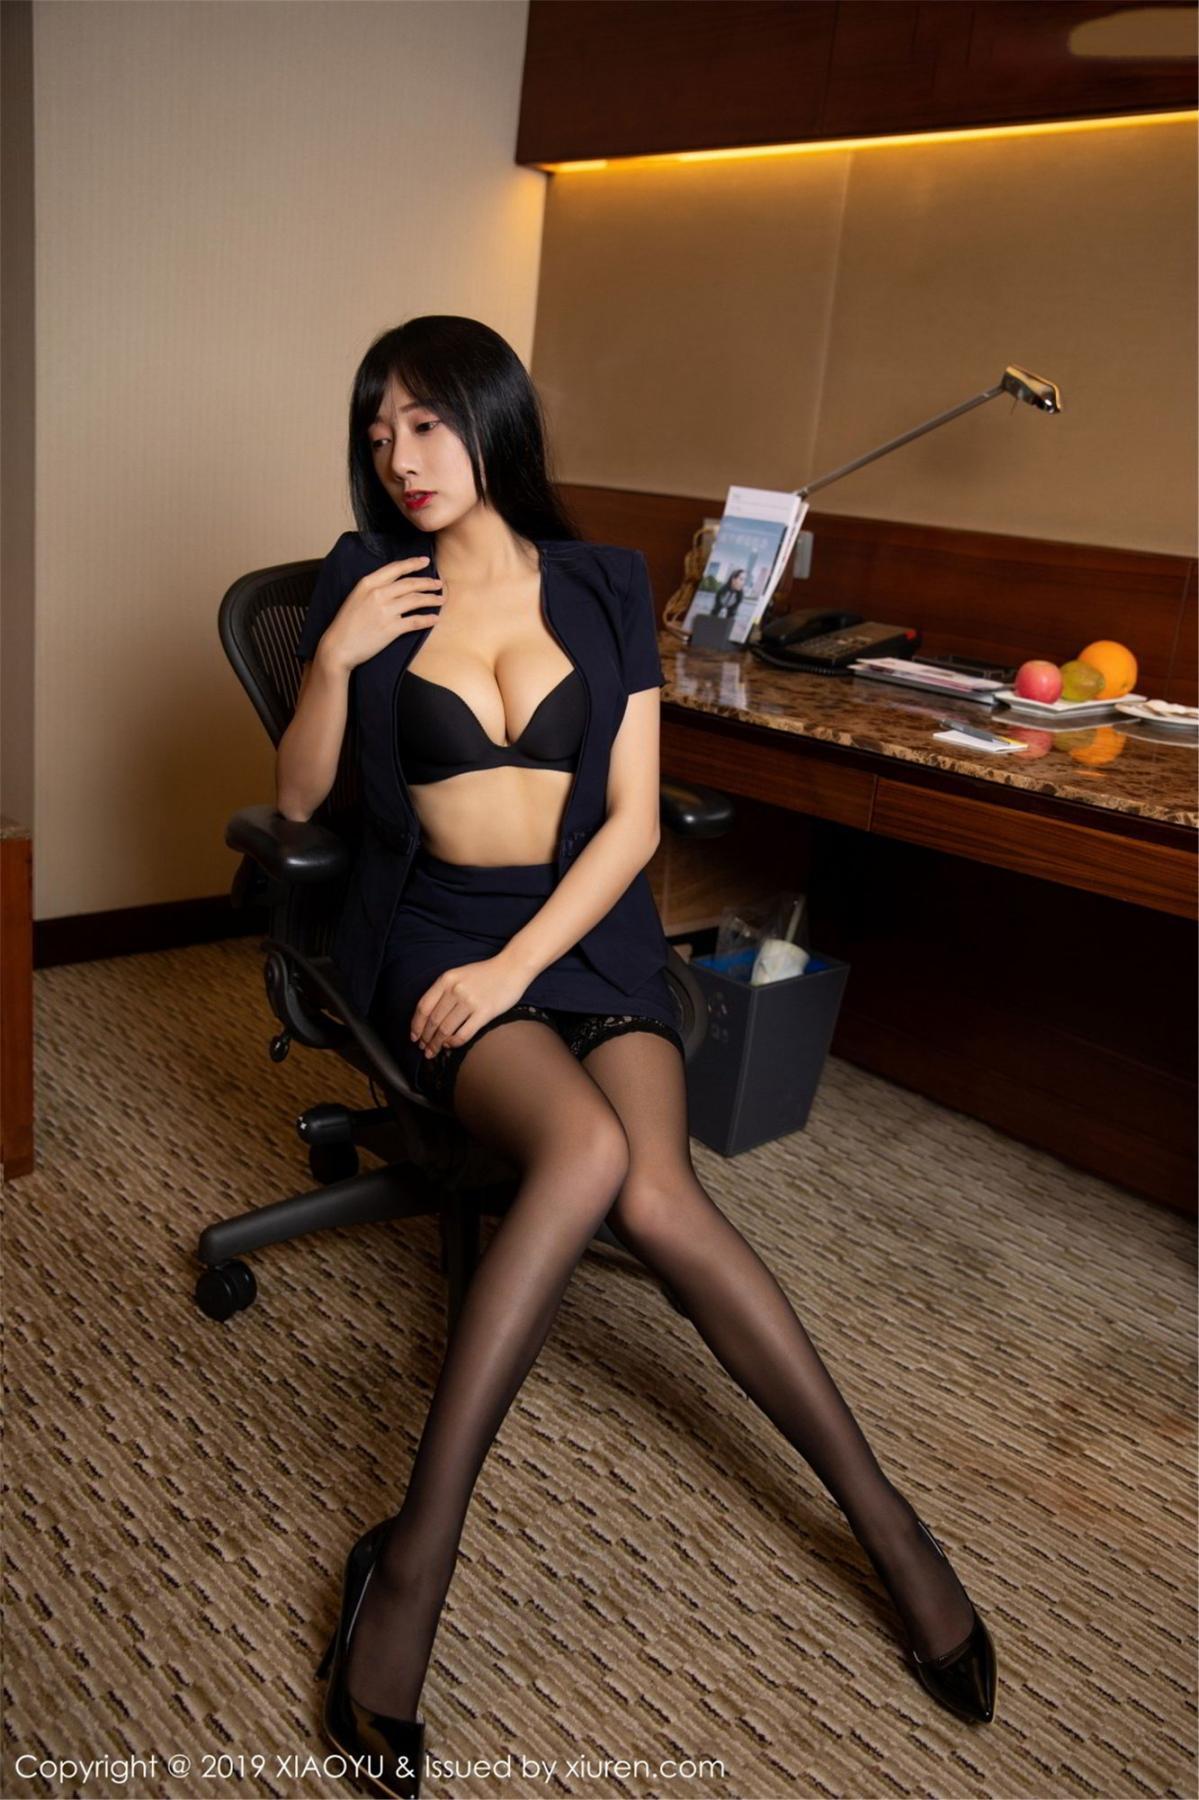 [XiaoYu] Vol.068 He Jia Ying 24P, Black Silk, He Jia Ying, Uniform, XiaoYu